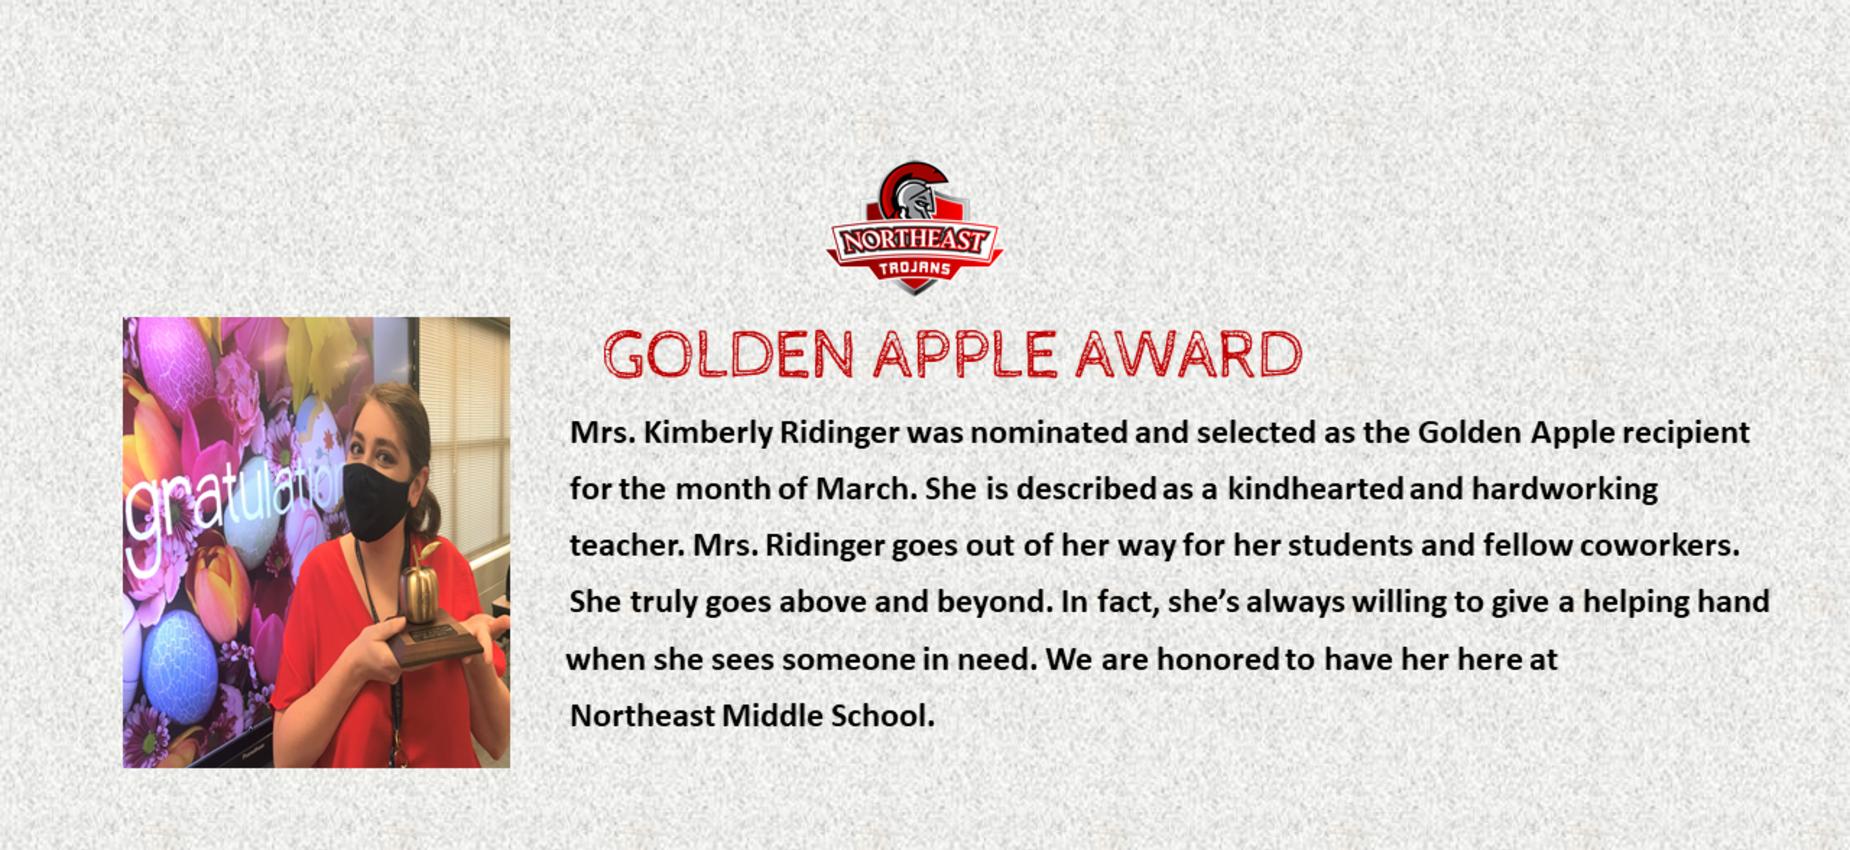 NEMS Golden Apple Award Winner Mrs. Kimberly Ridinger